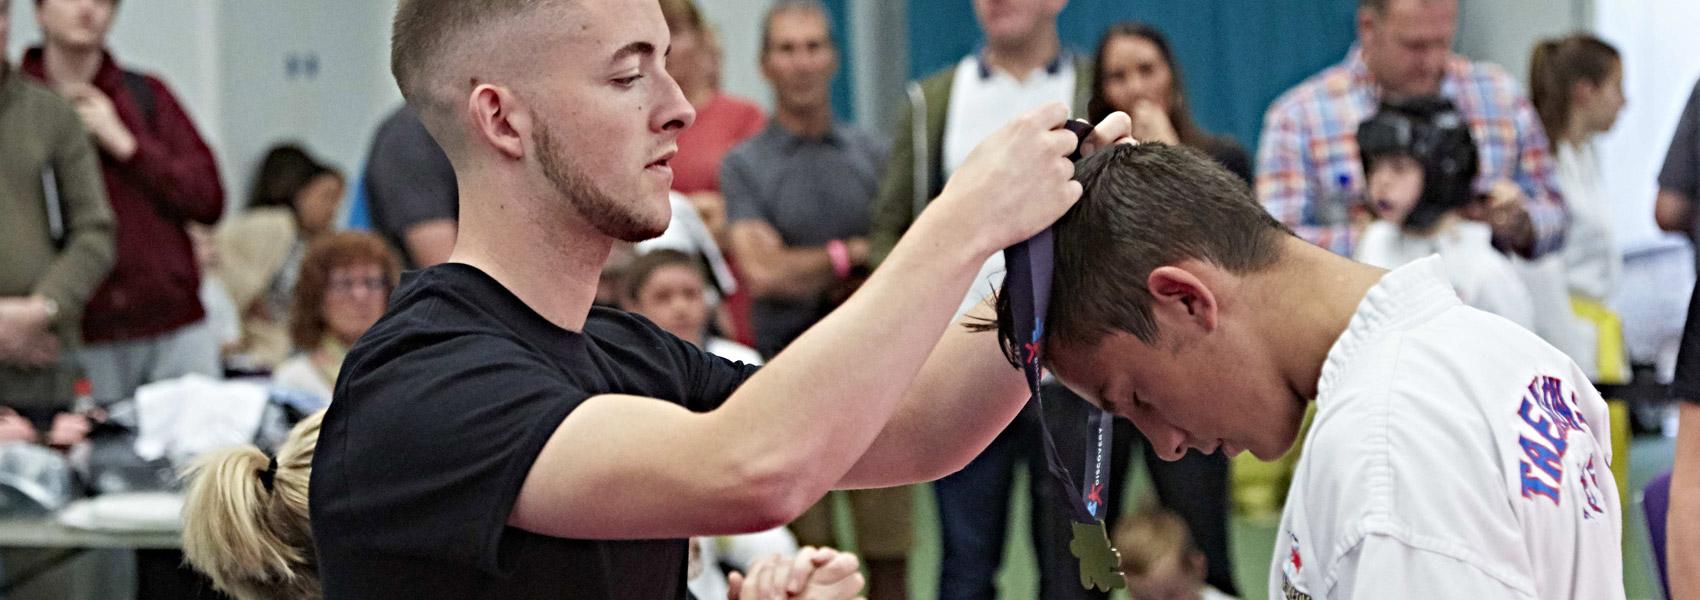 Plymouth Taekwondo Tournament